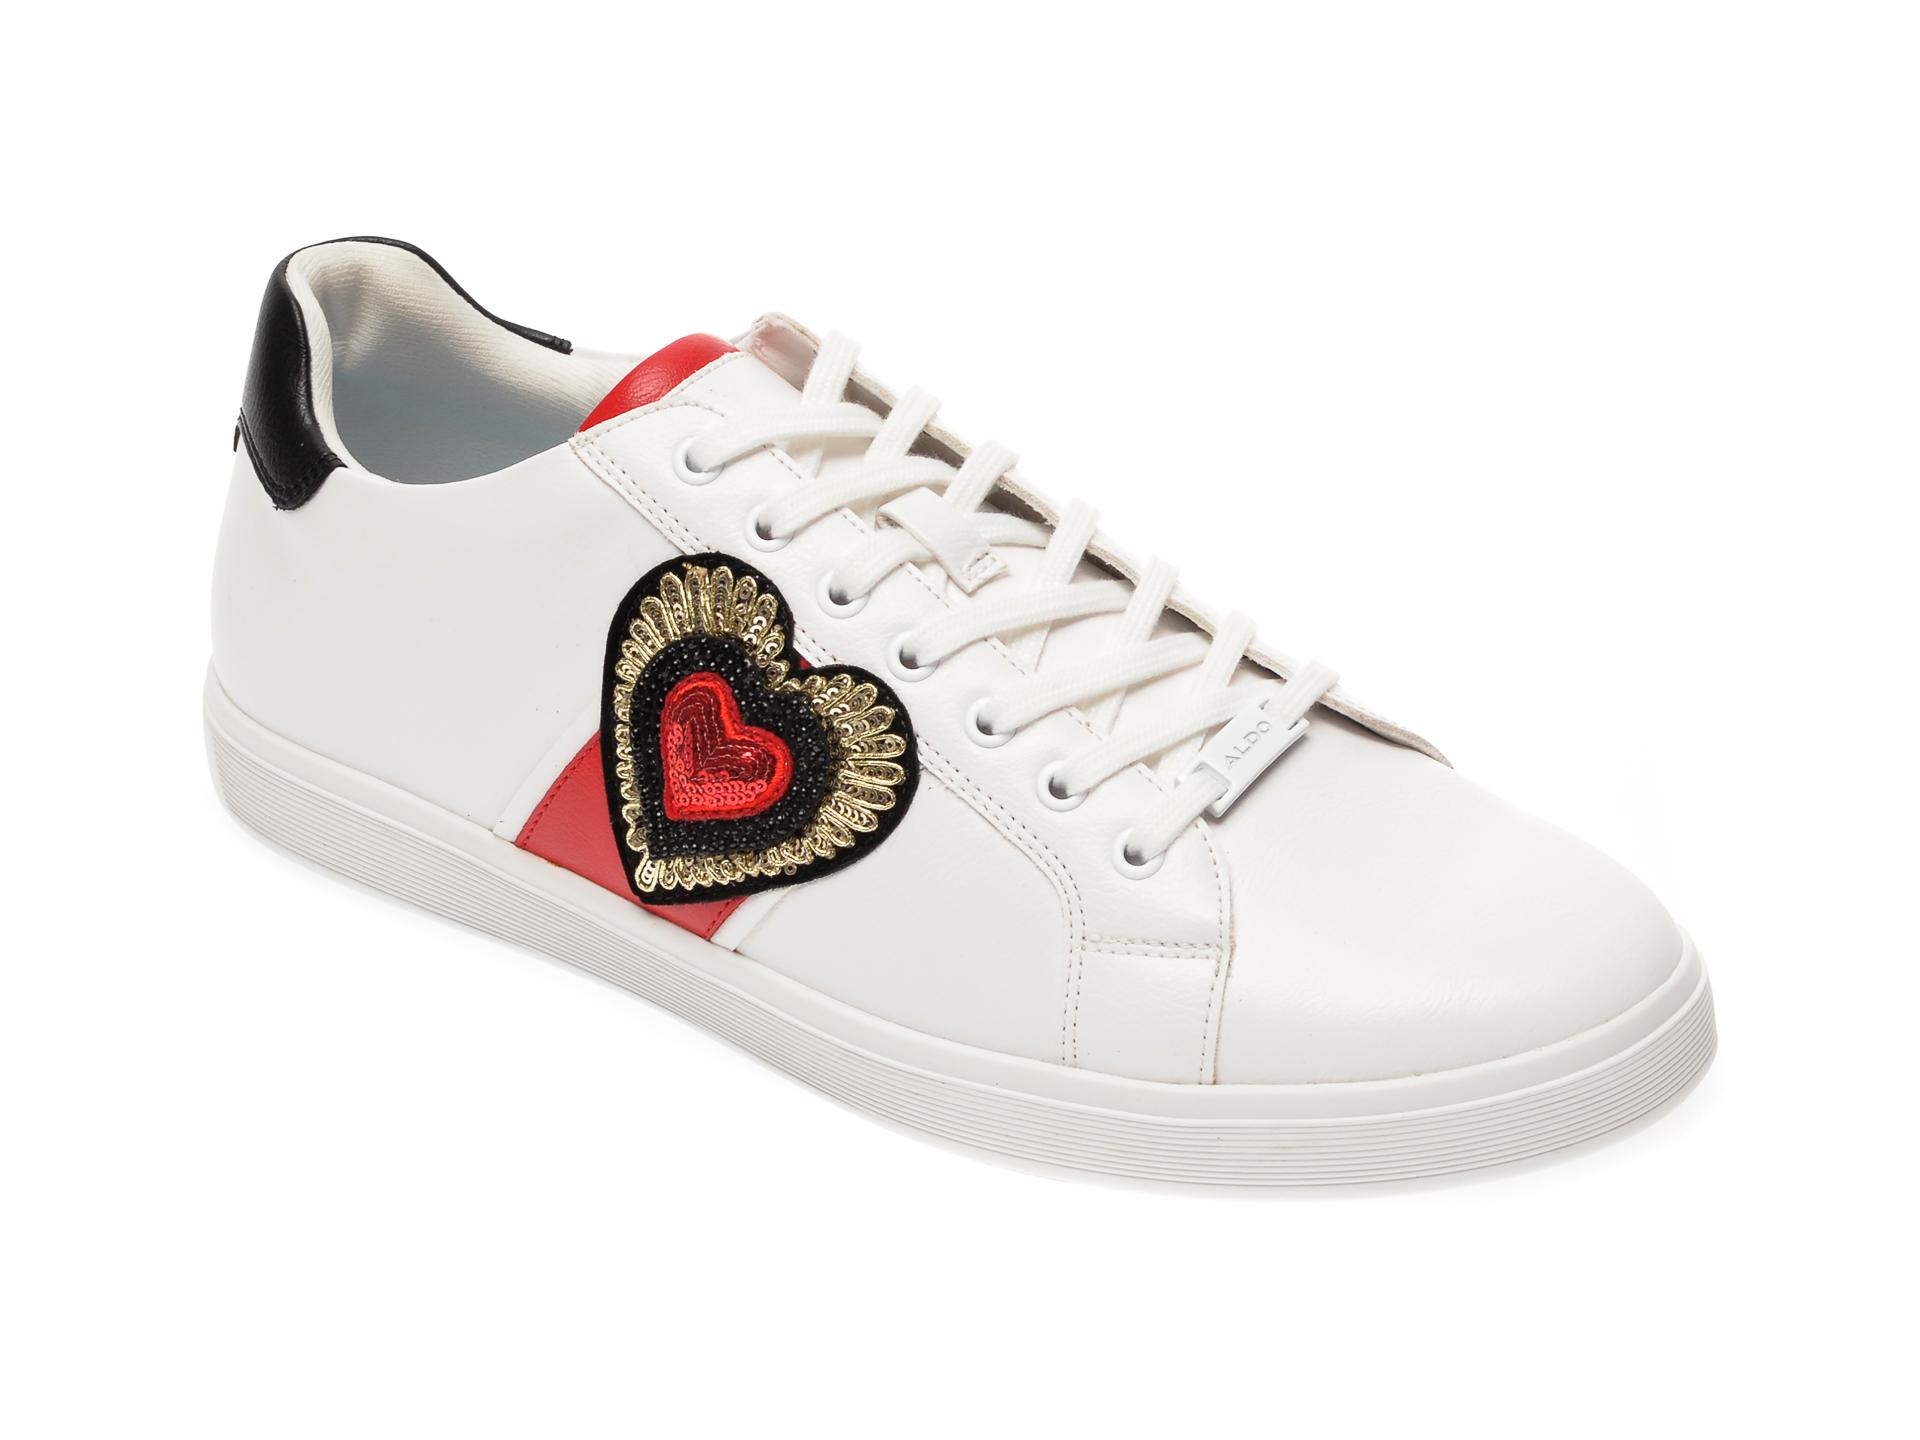 Pantofi sport ALDO albi, Pramju100, din piele ecologica imagine